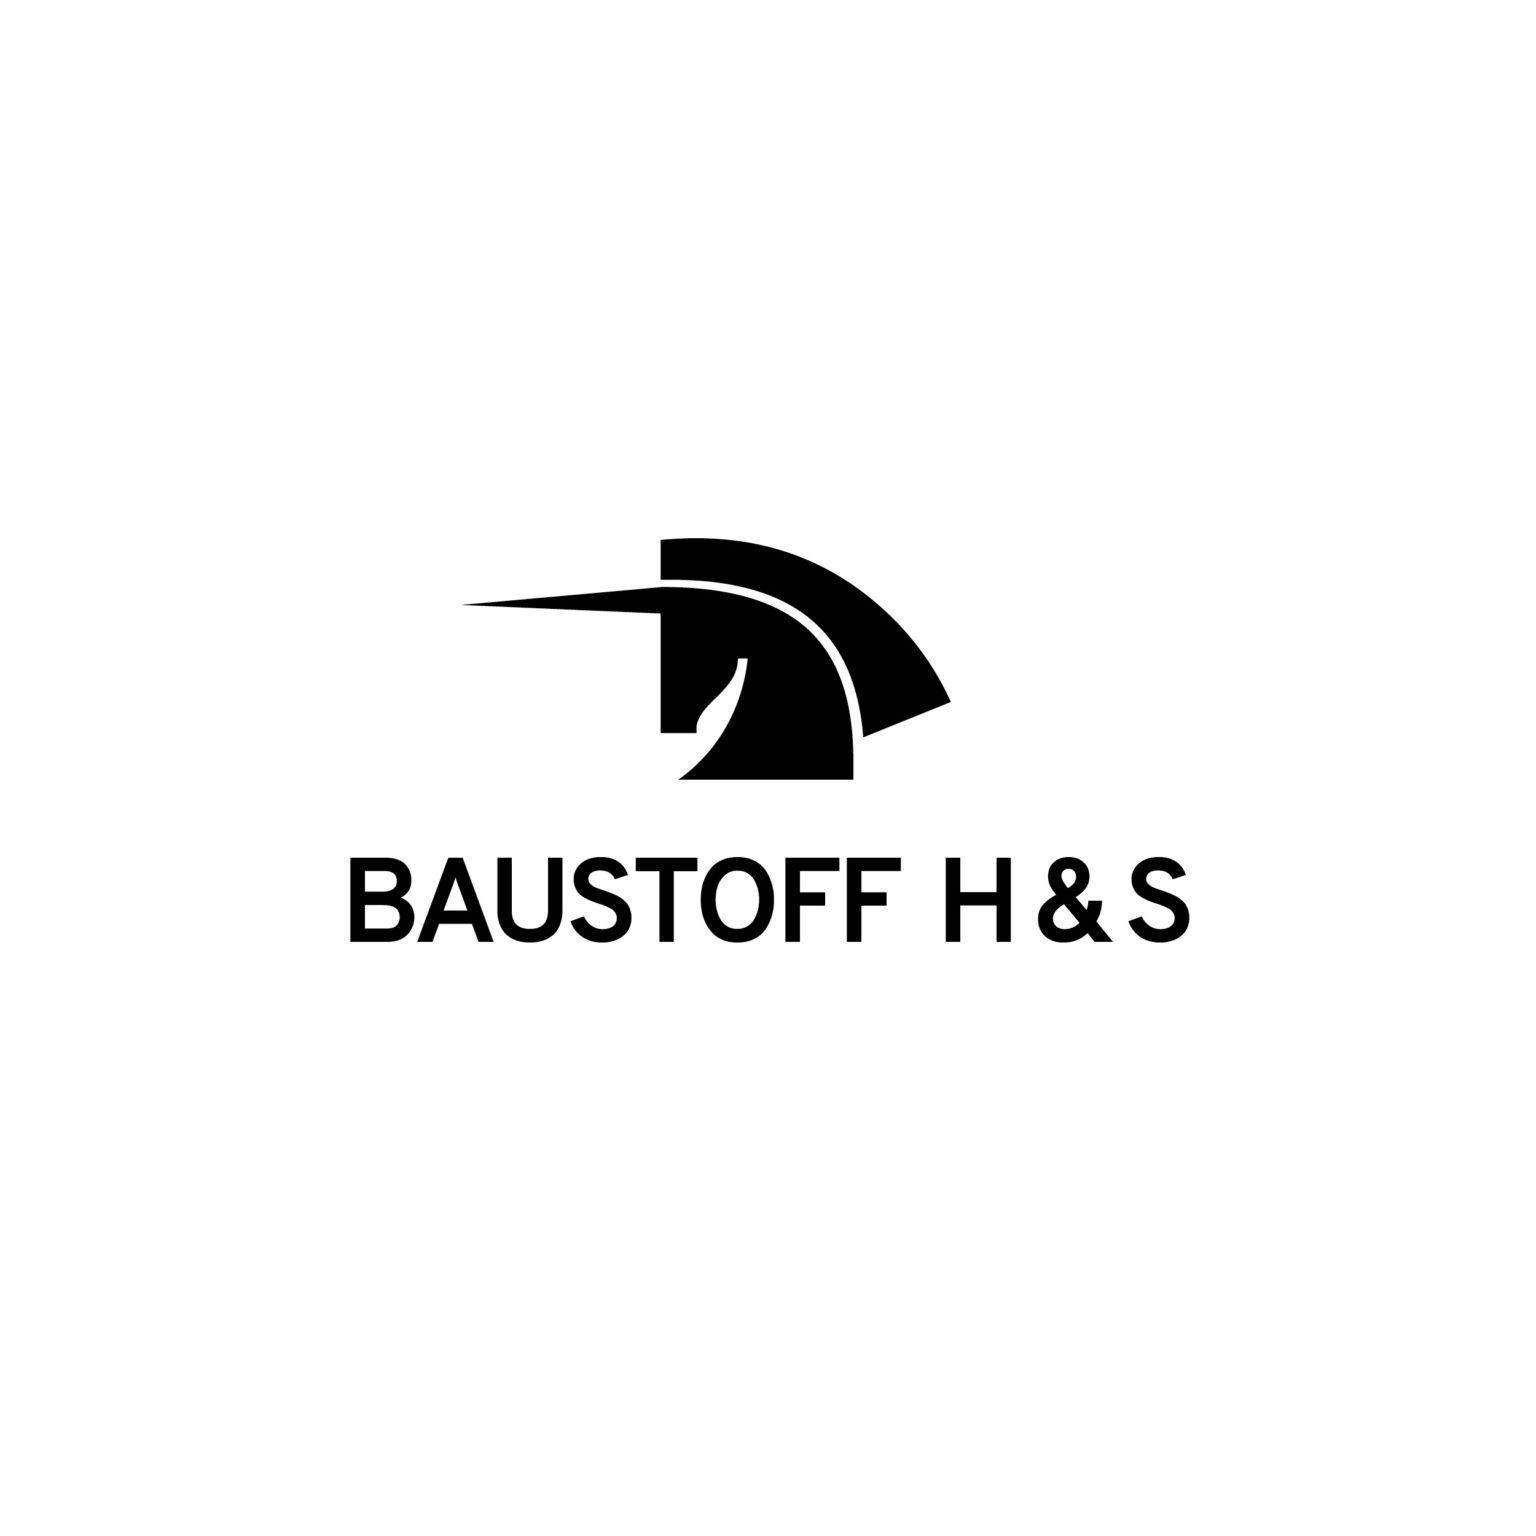 baustoff h&s logo